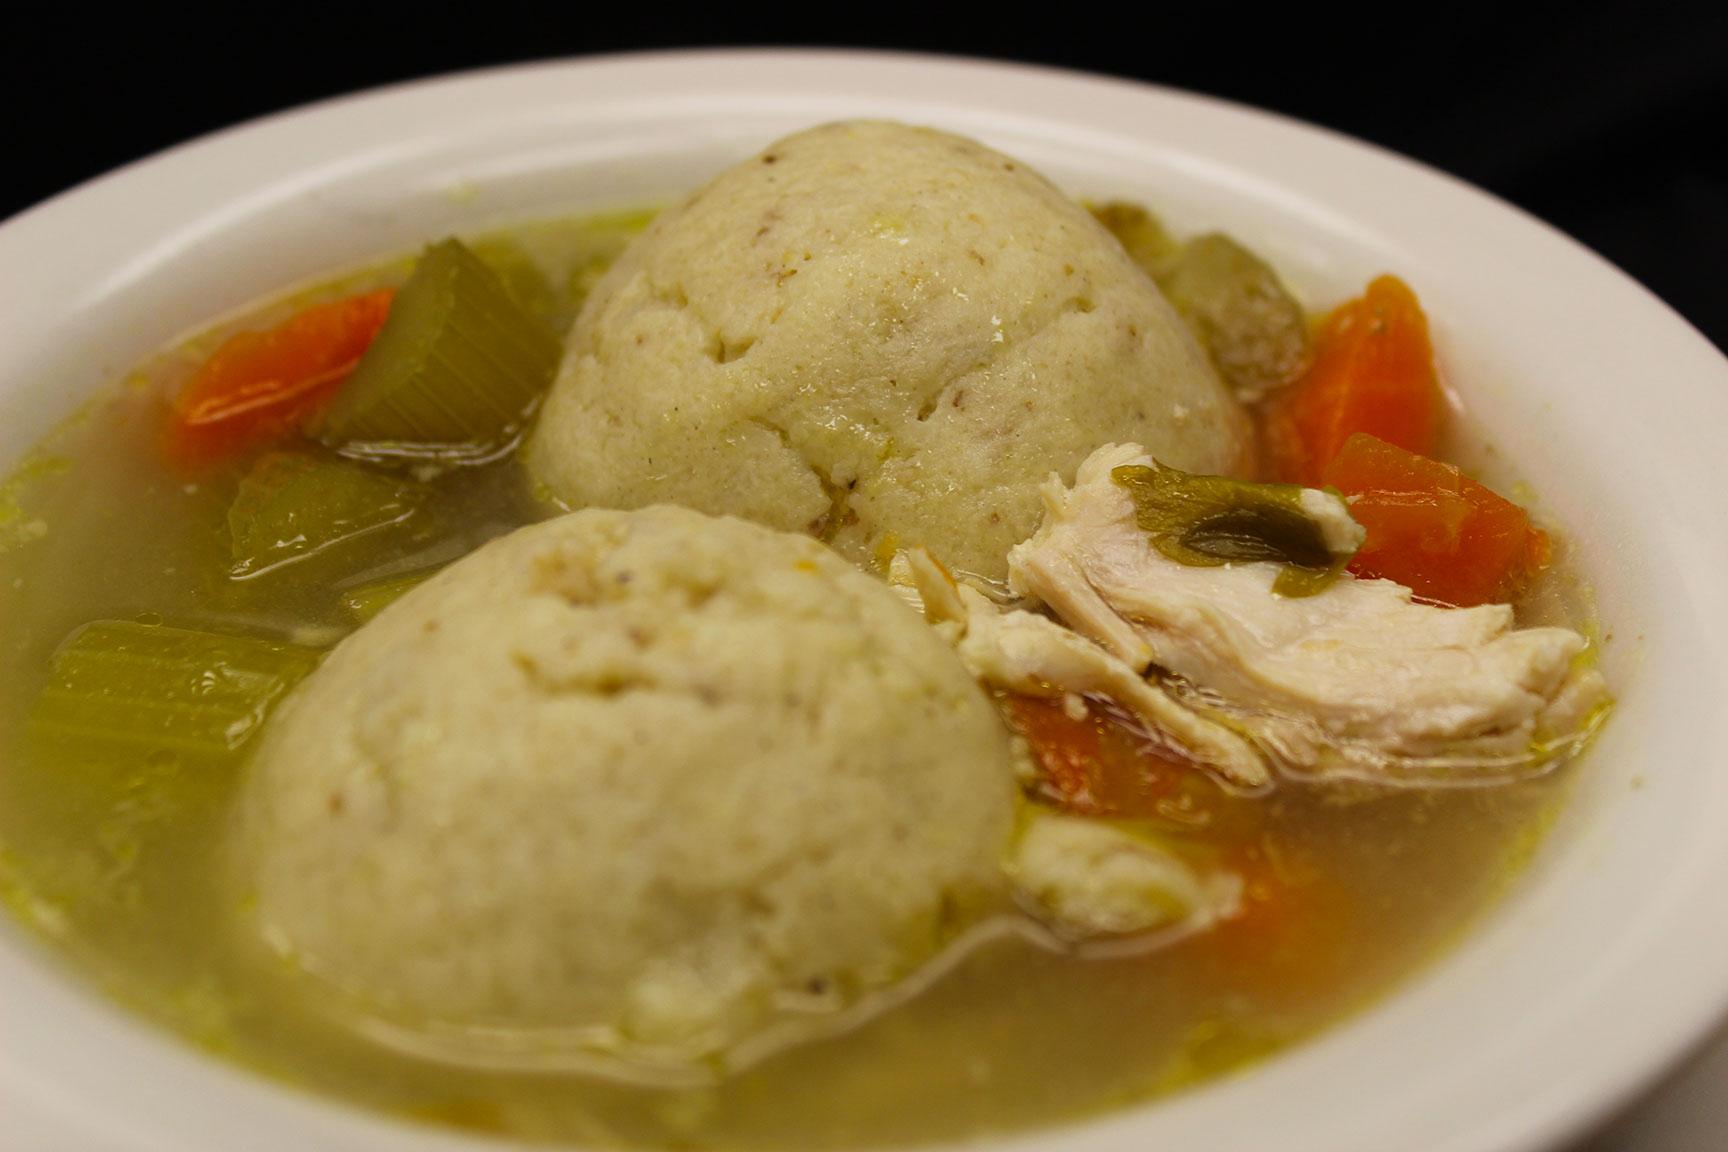 Chicken matzo ball soup at Mrs. Marty's Deli